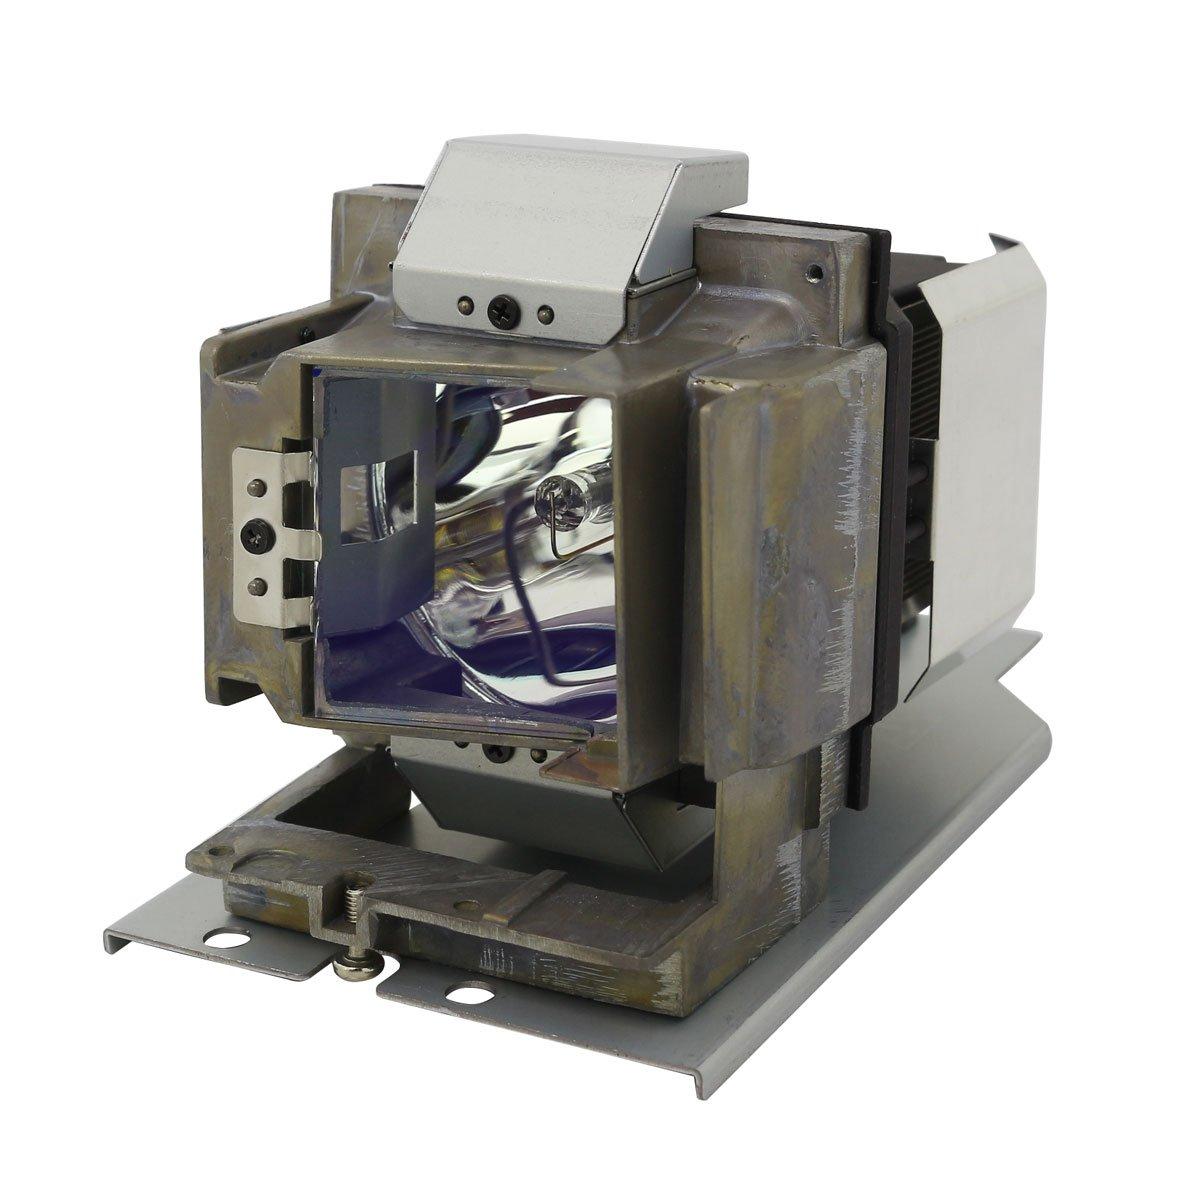 LYTIO プレミアム Optoma 5811118924-SOT ハウジング付きプロジェクターランプ 5811118924SOT (オリジナルOEM電球内蔵)   B07JGKBT44